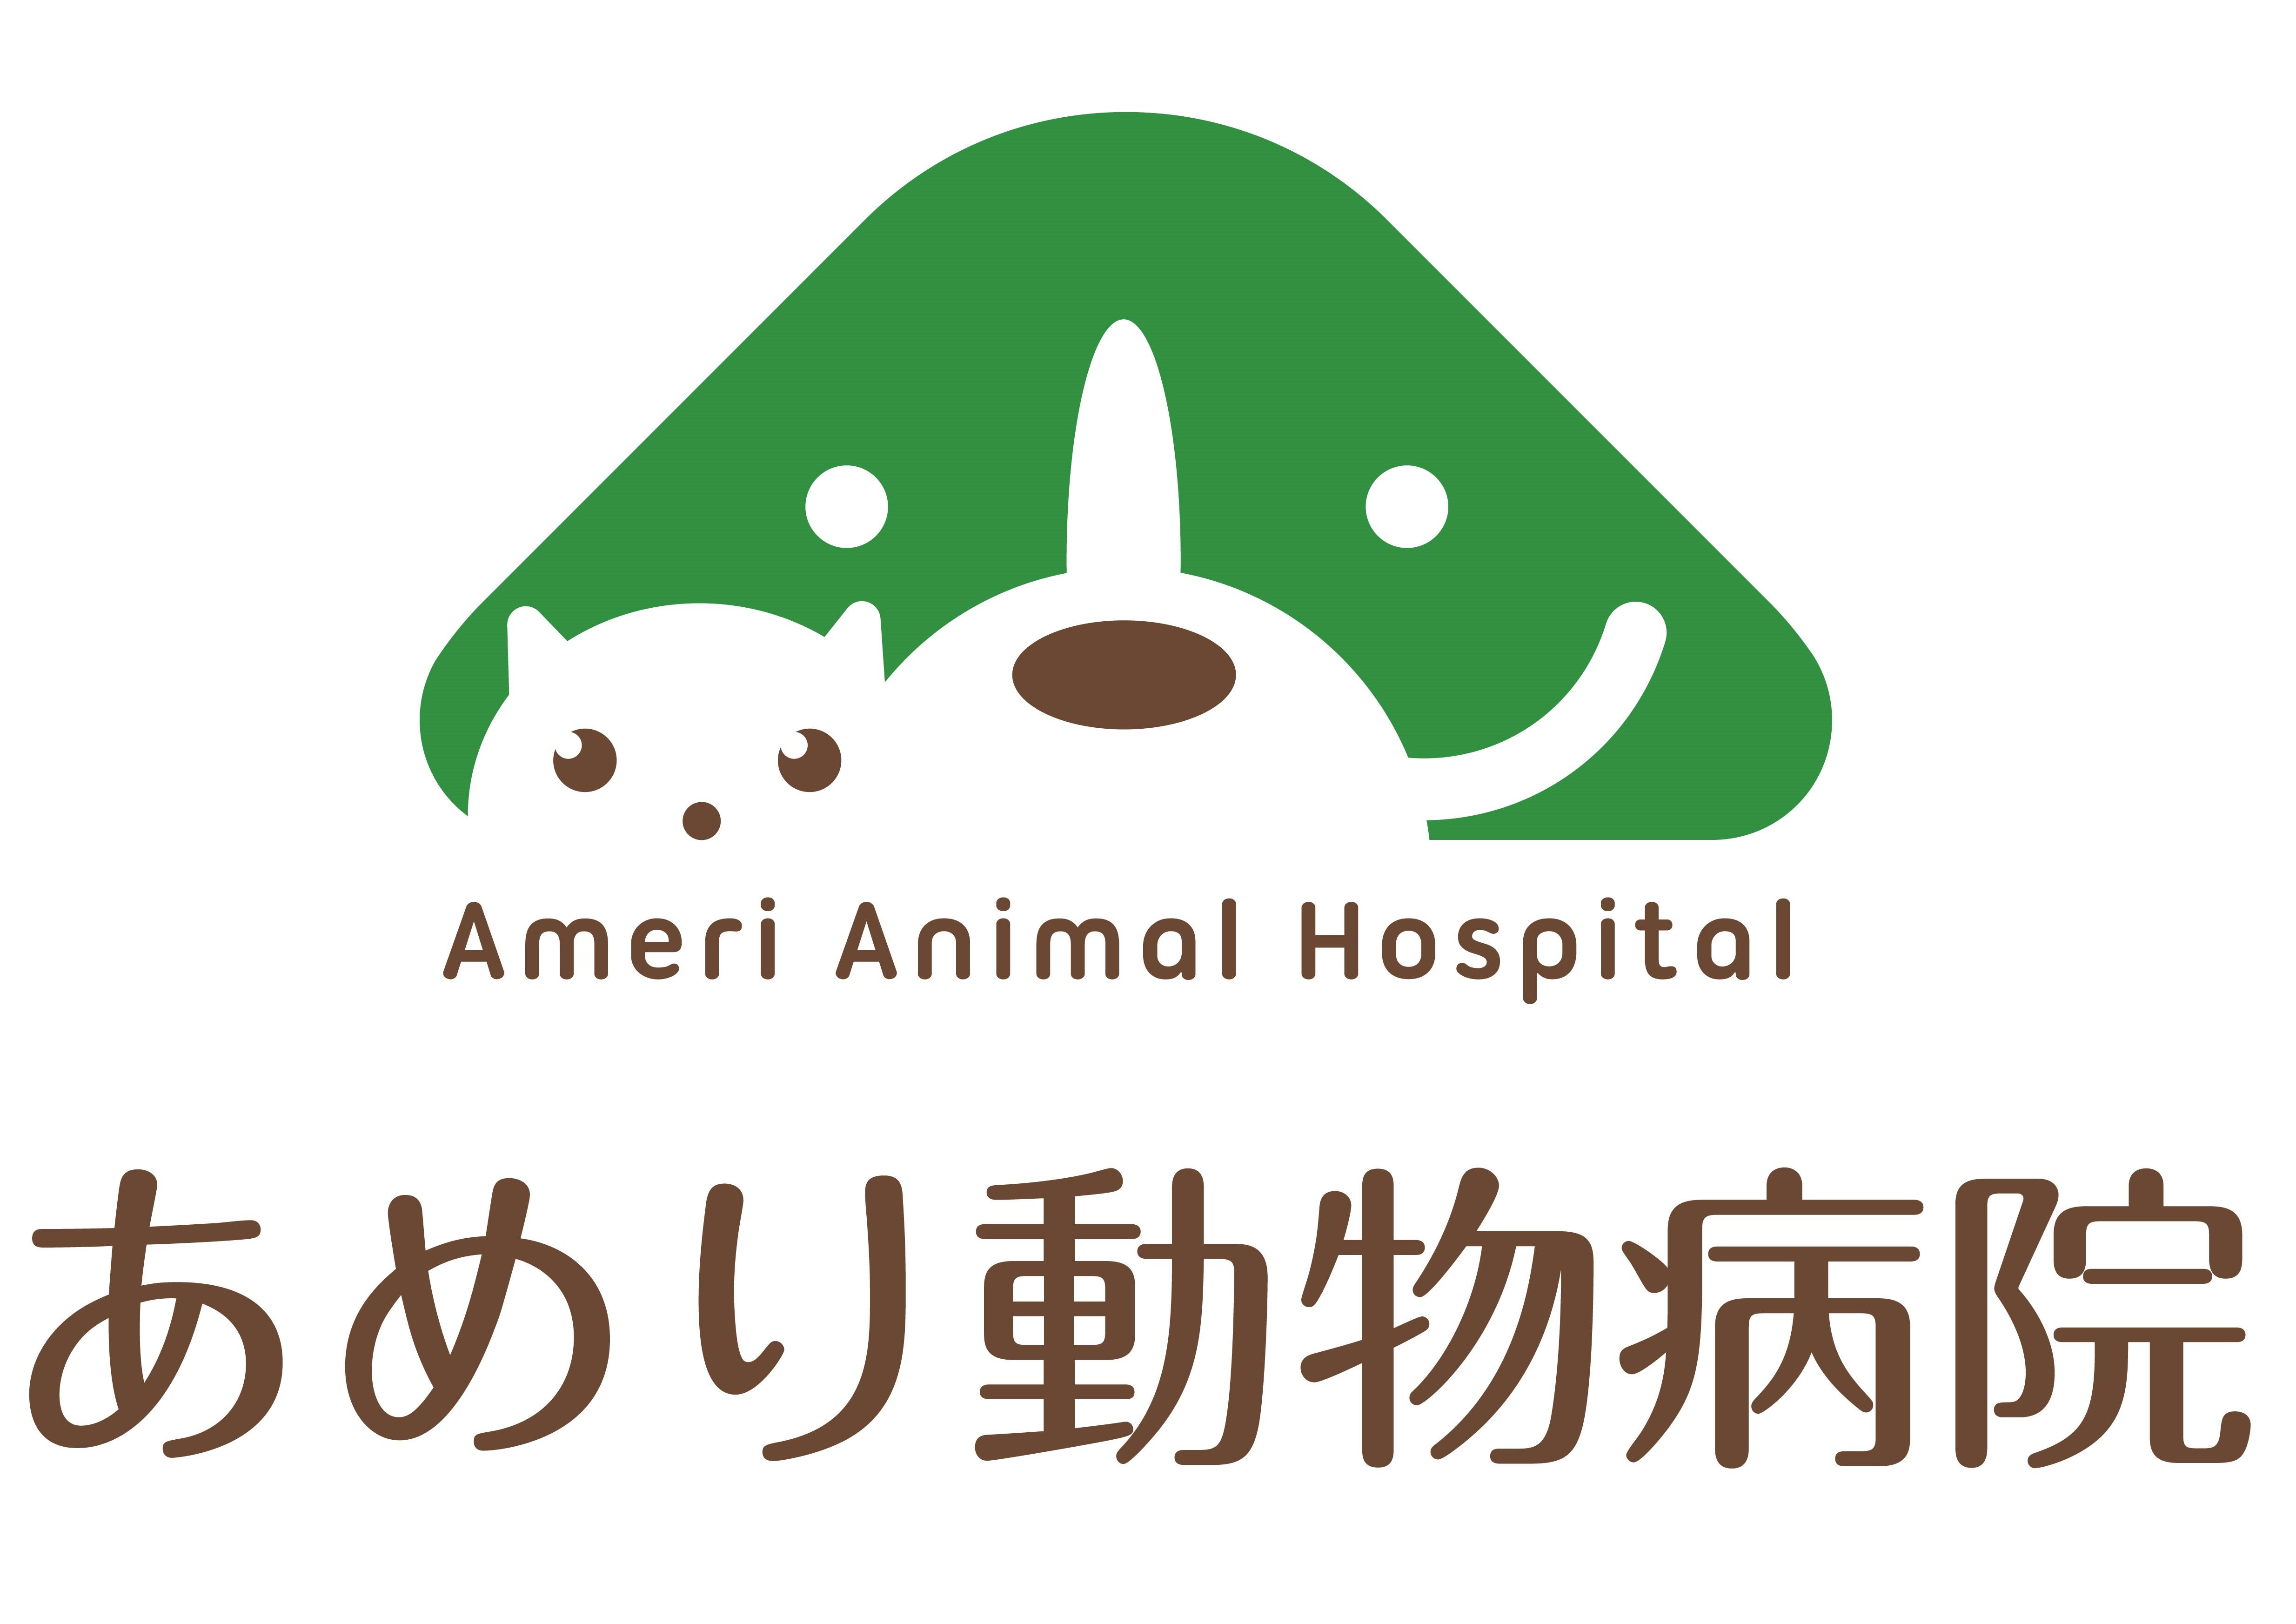 飯山あめり動物病院